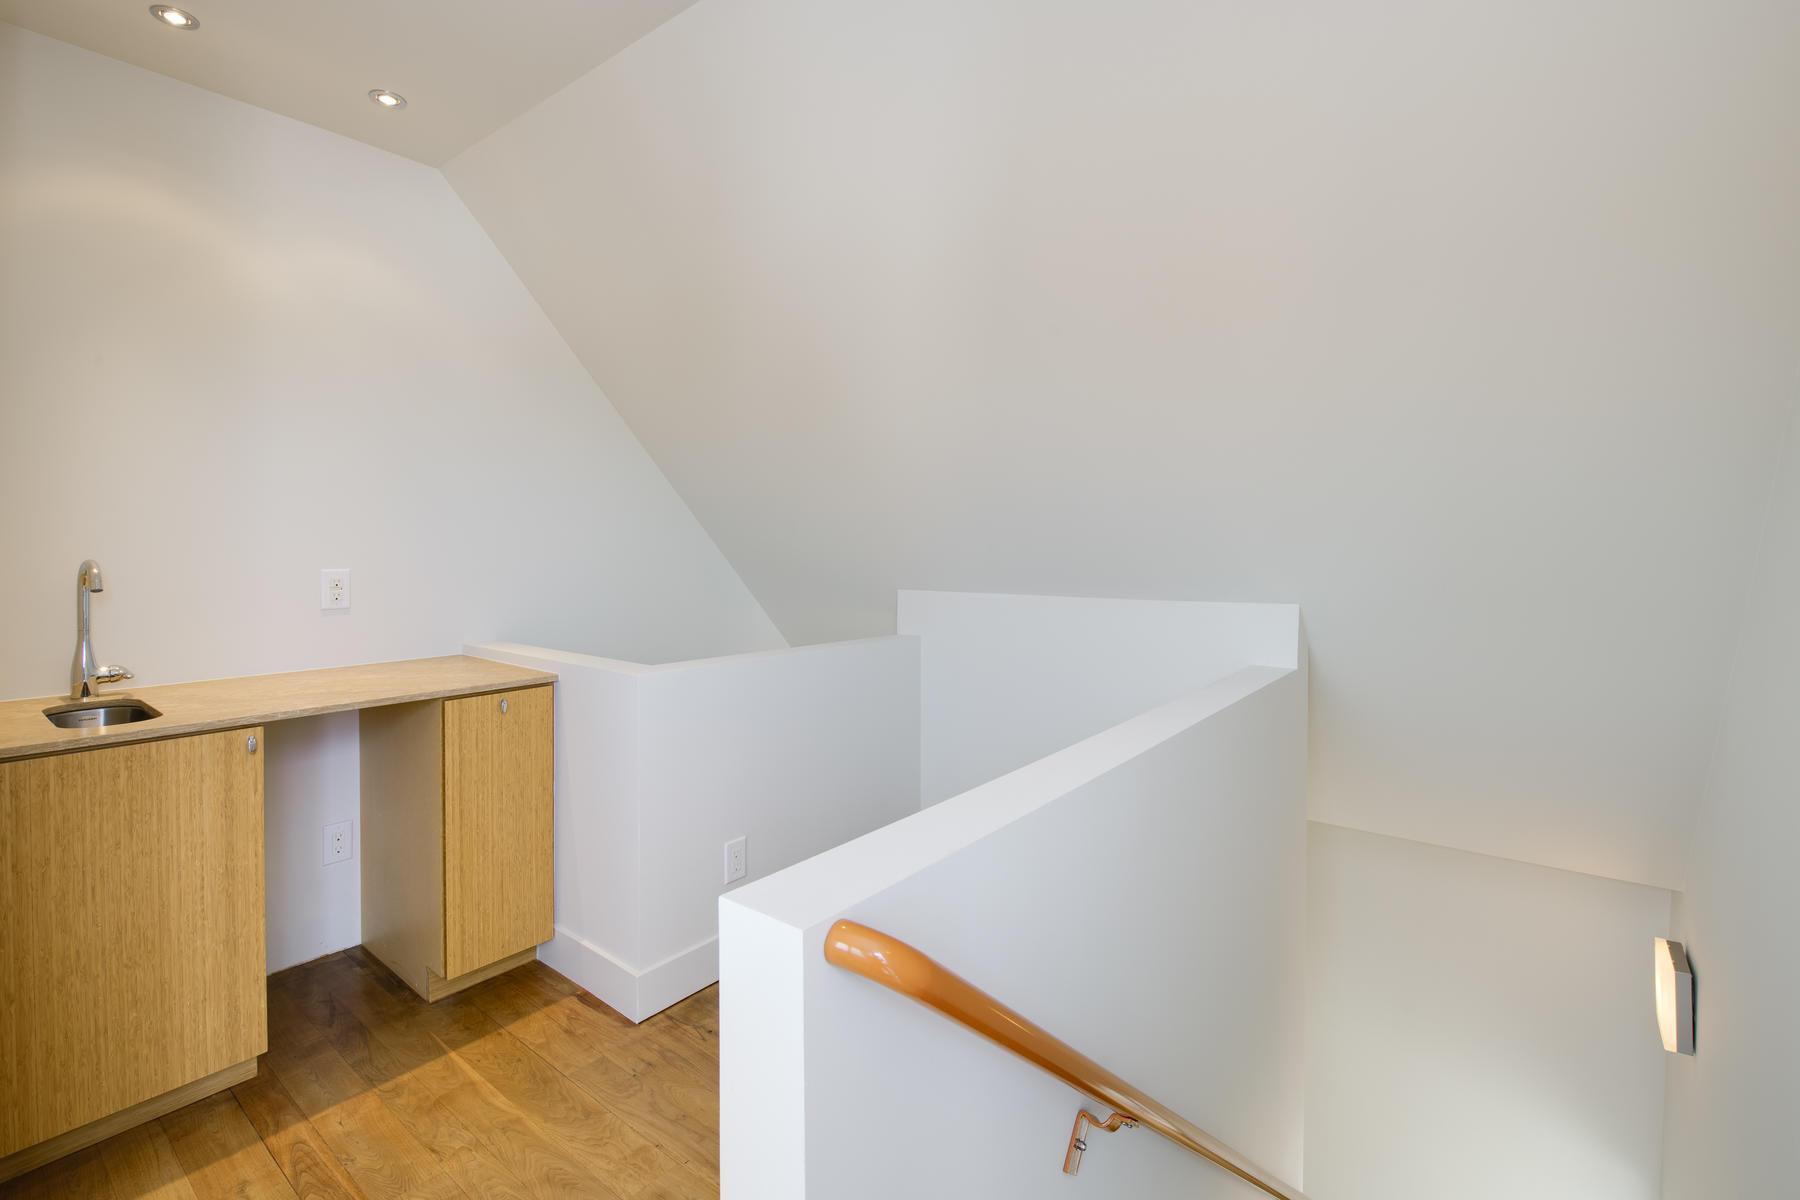 Additional photo for property listing at 37 South Ogden Street 37 S Ogden St Denver, Colorado 80209 United States